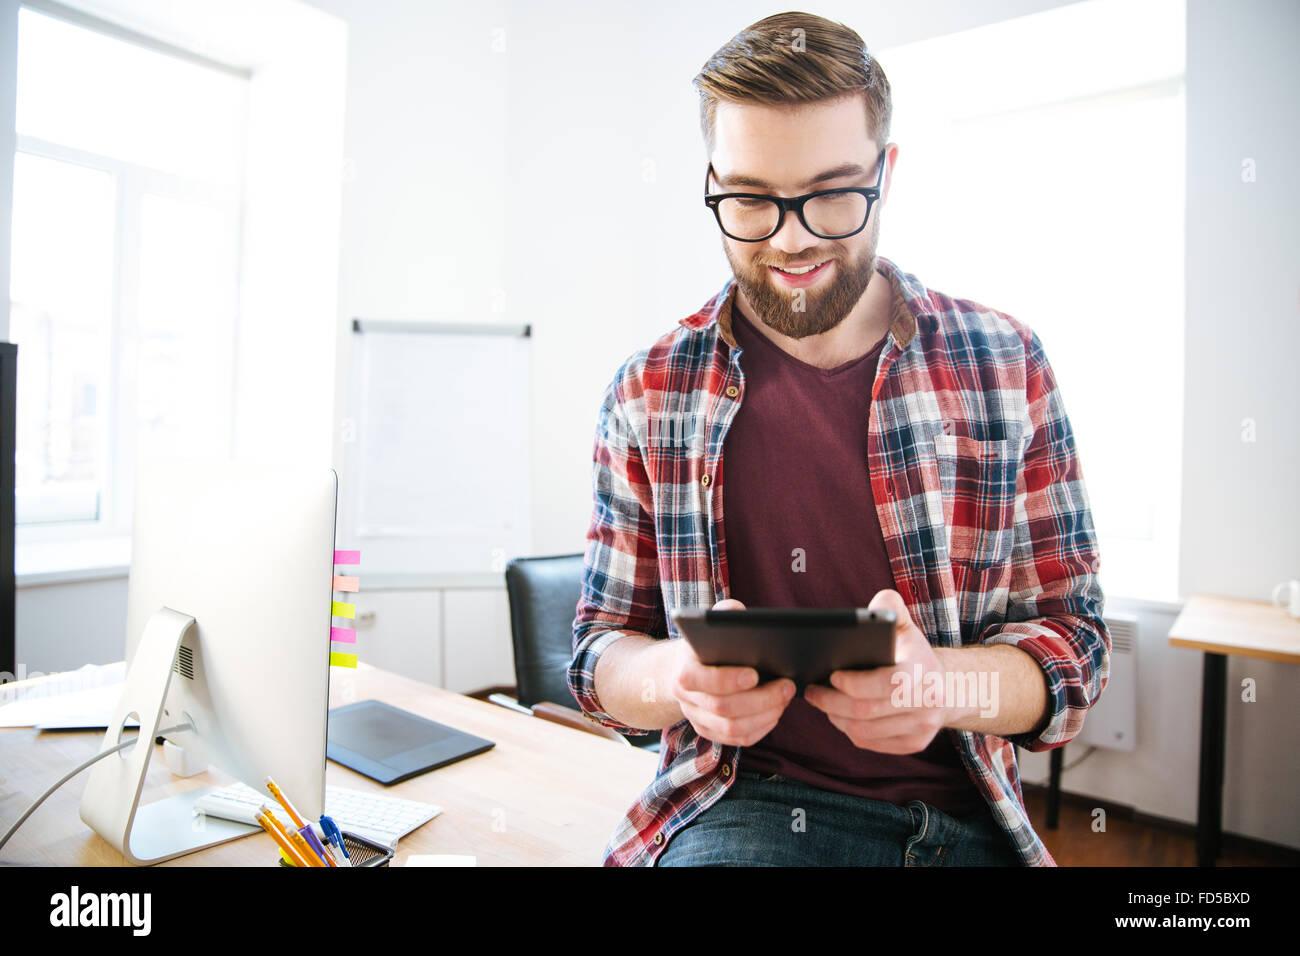 Felice uomo bello con la barba in plaid shirt e bicchieri di seduta sul tavolo in ufficio e utilizzando tablet Immagini Stock